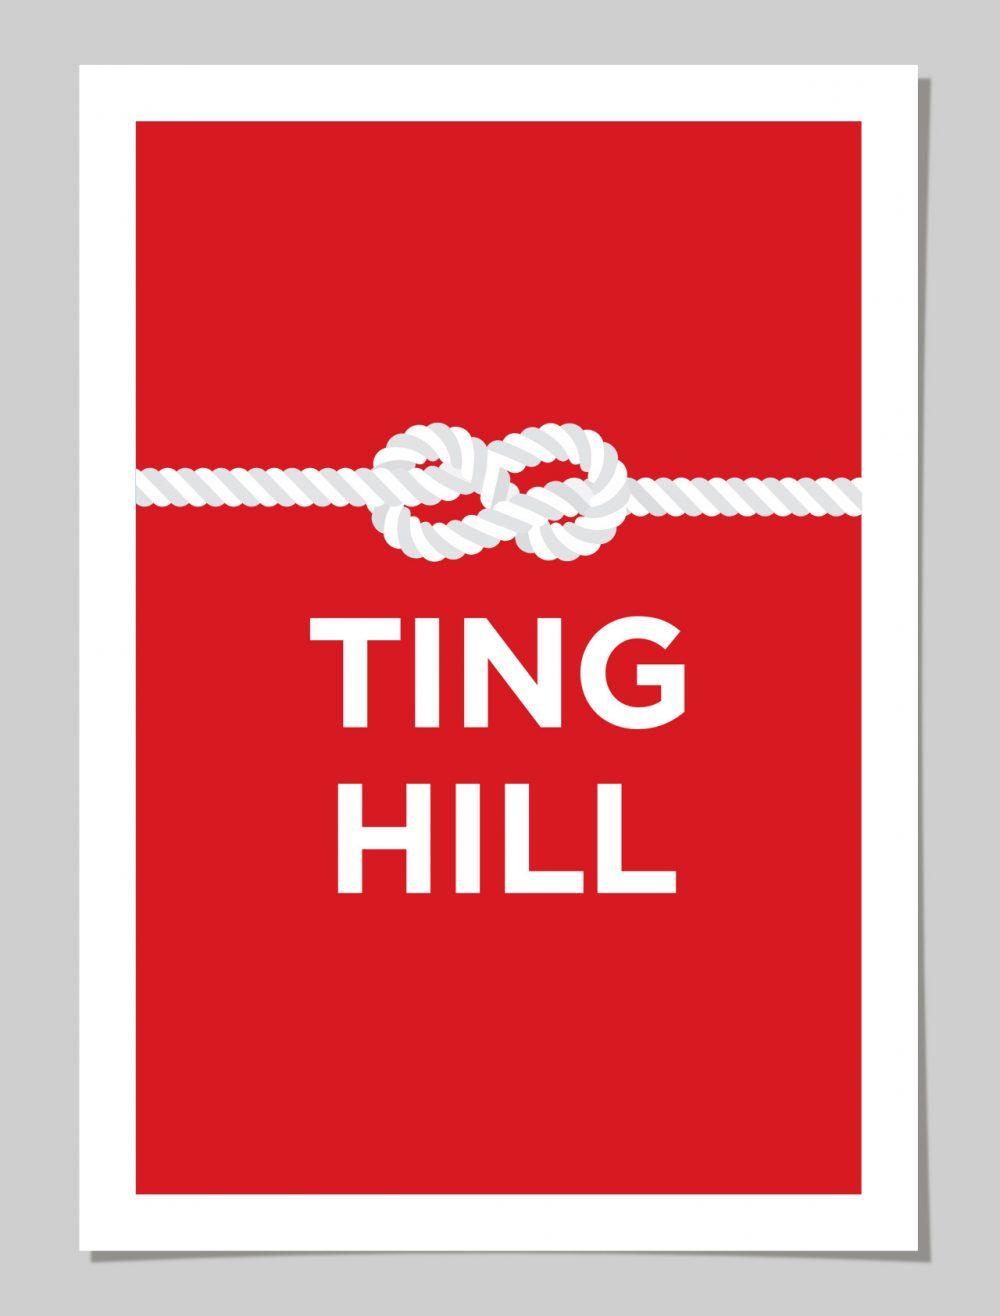 pun-nottinghill